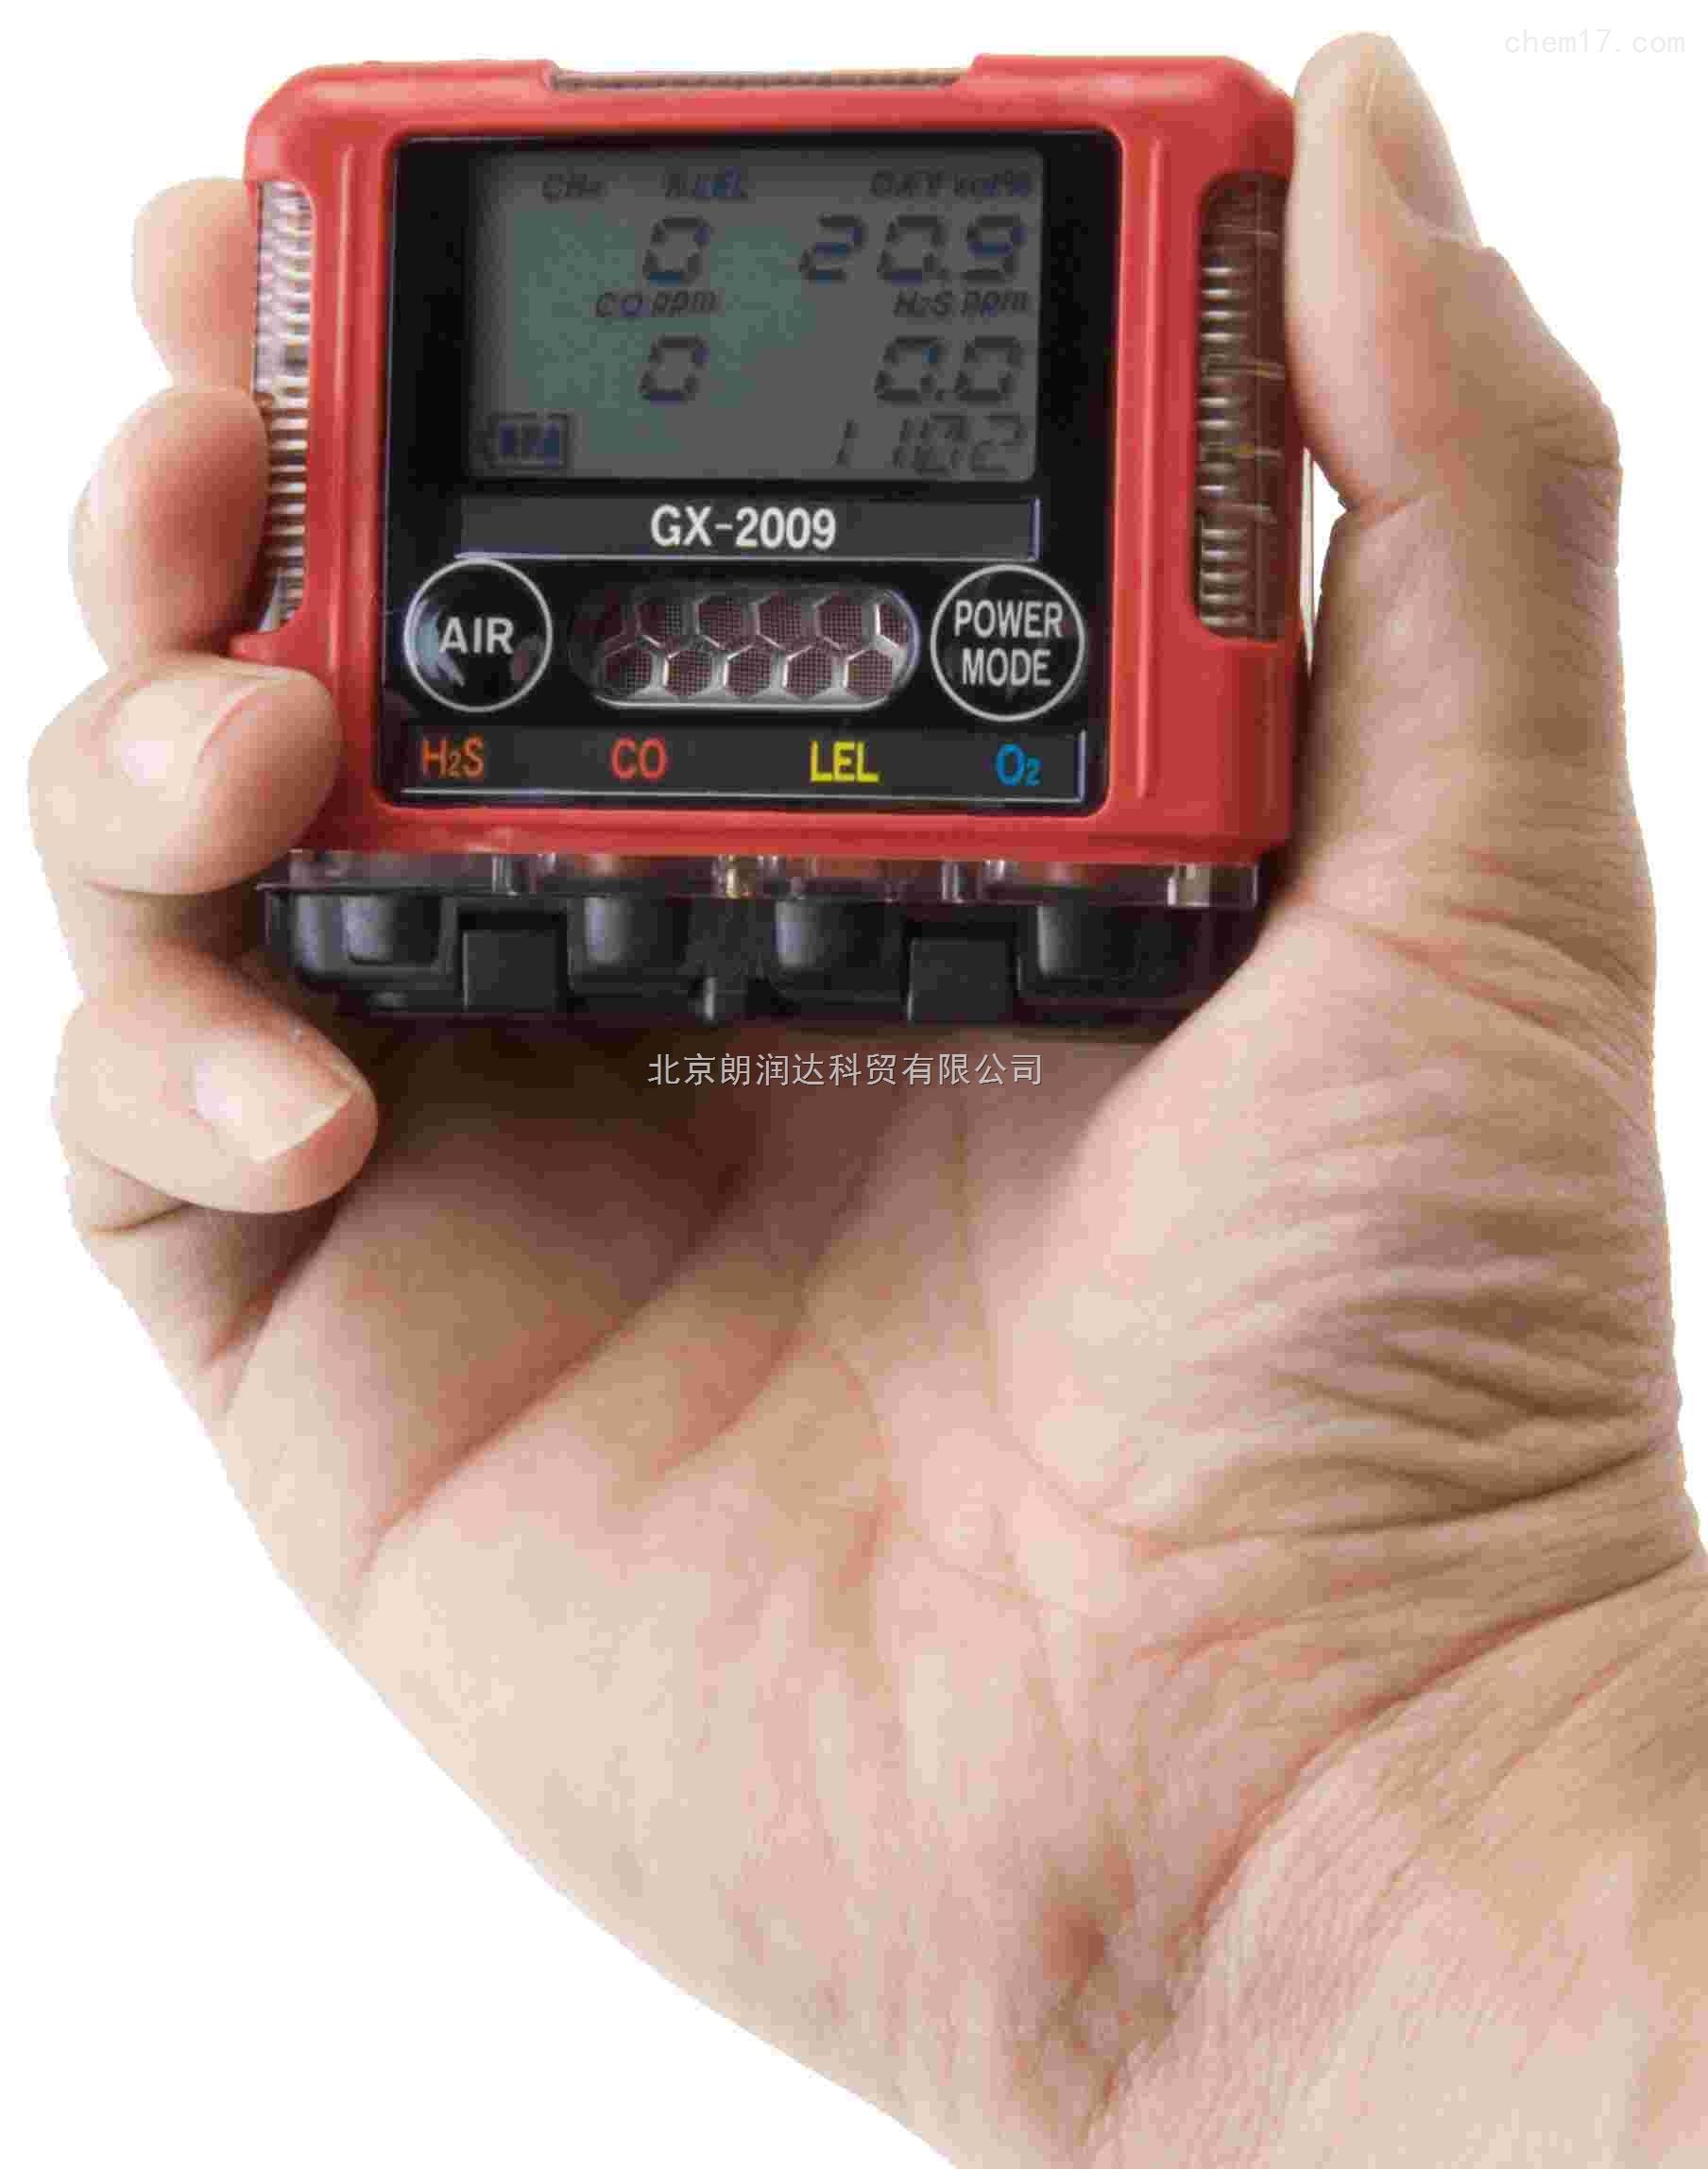 日本理研GX-2009型便携式复合气体检测器